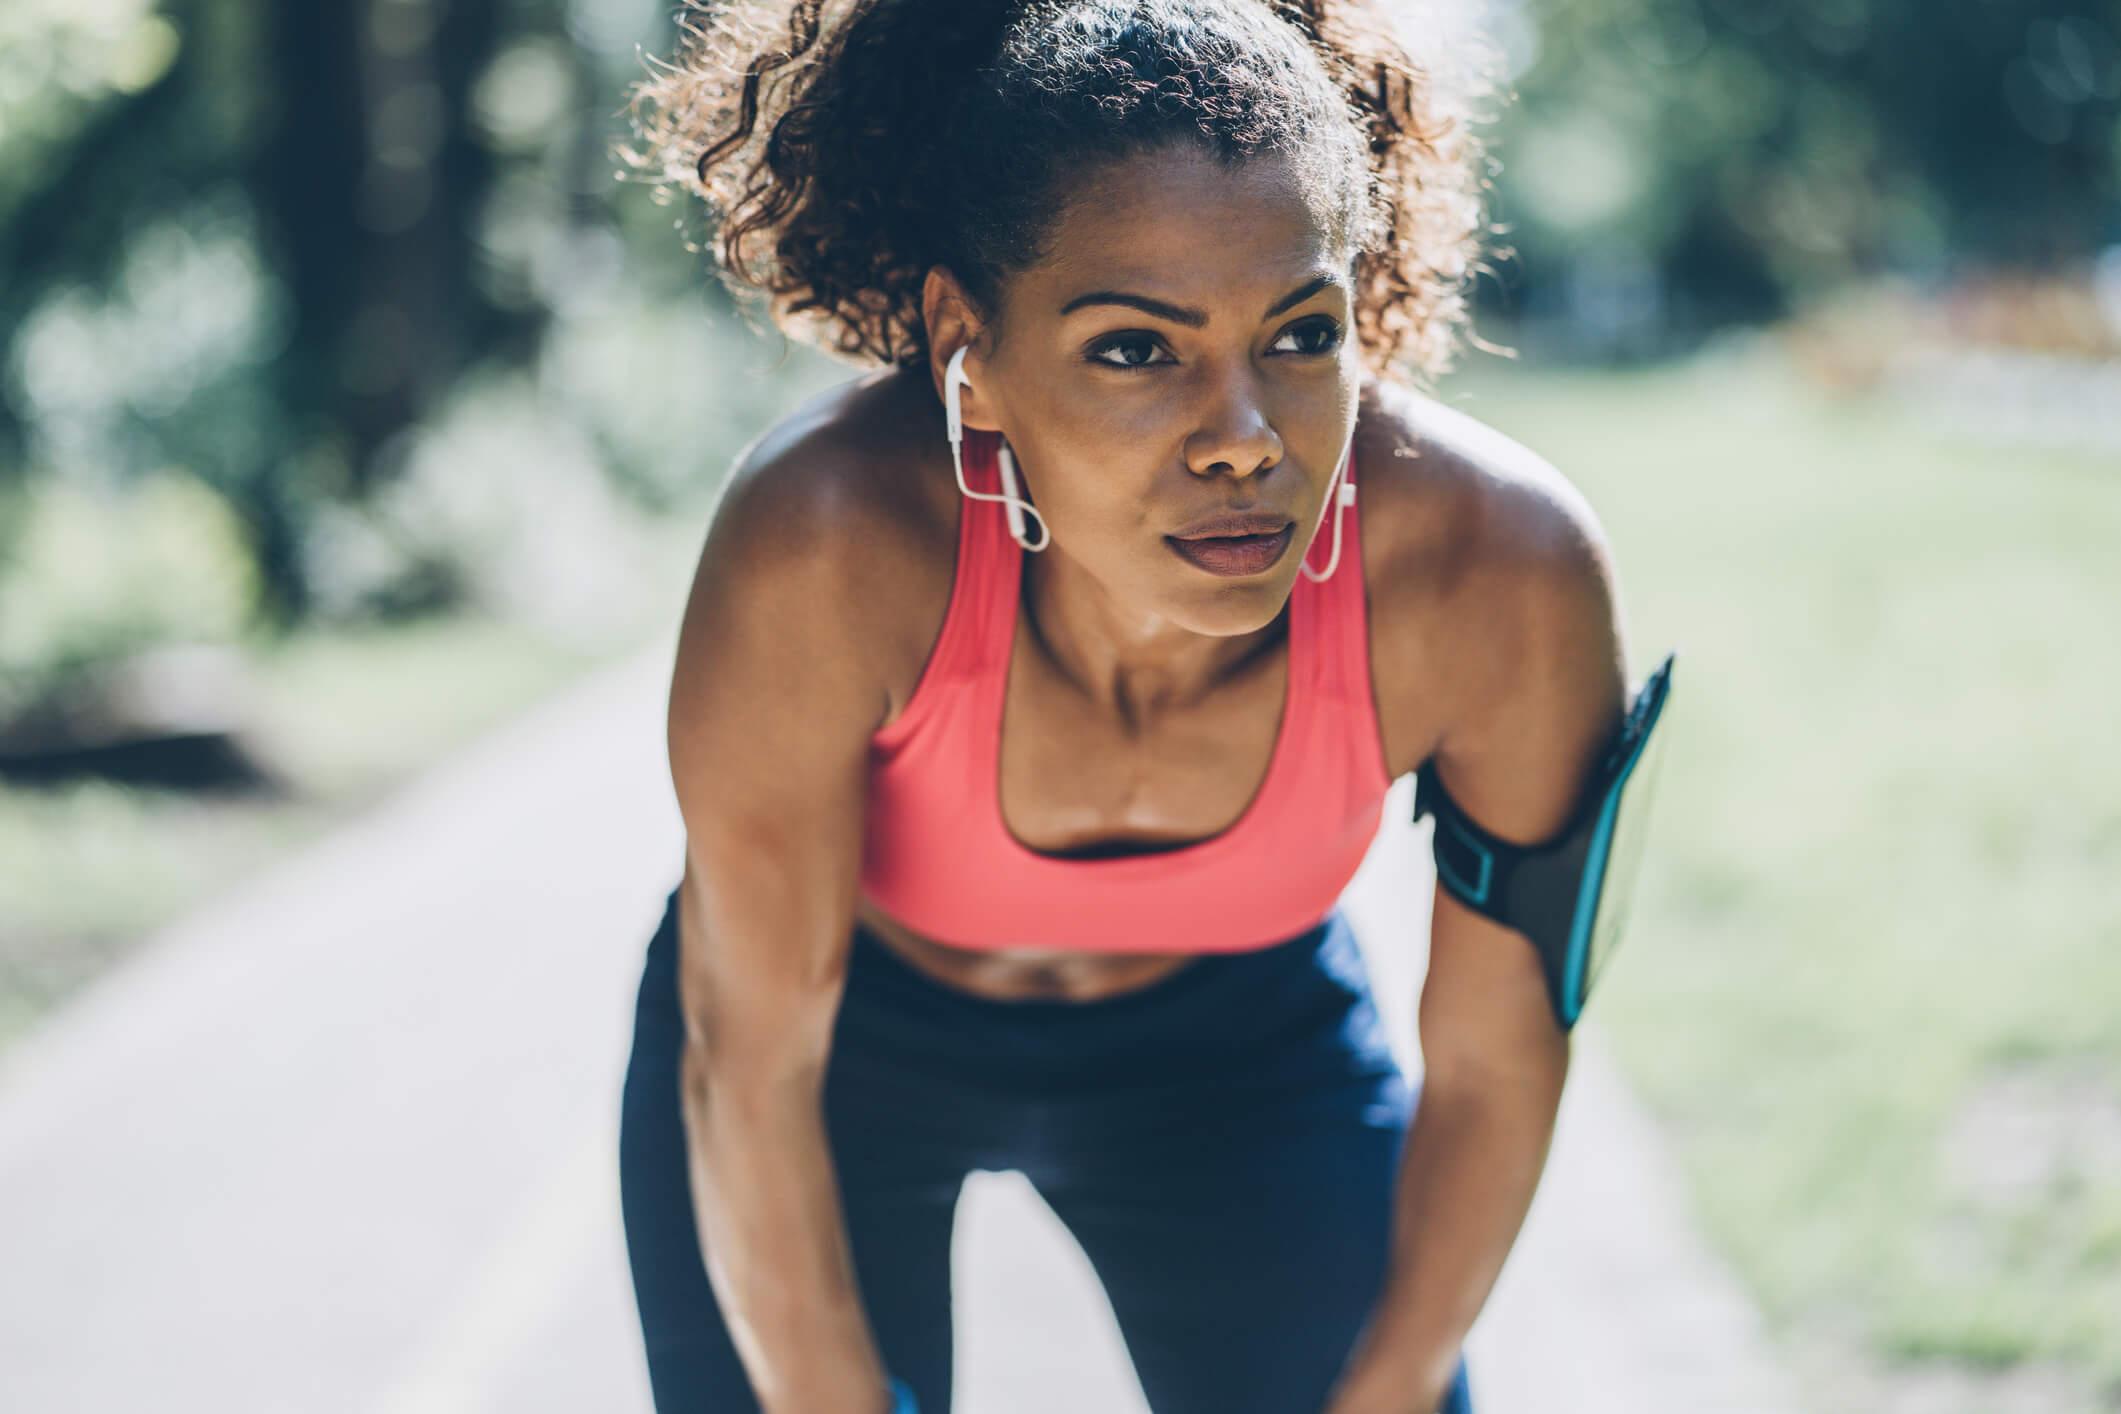 Quais os principais riscos em ser um atleta de fim de semana?